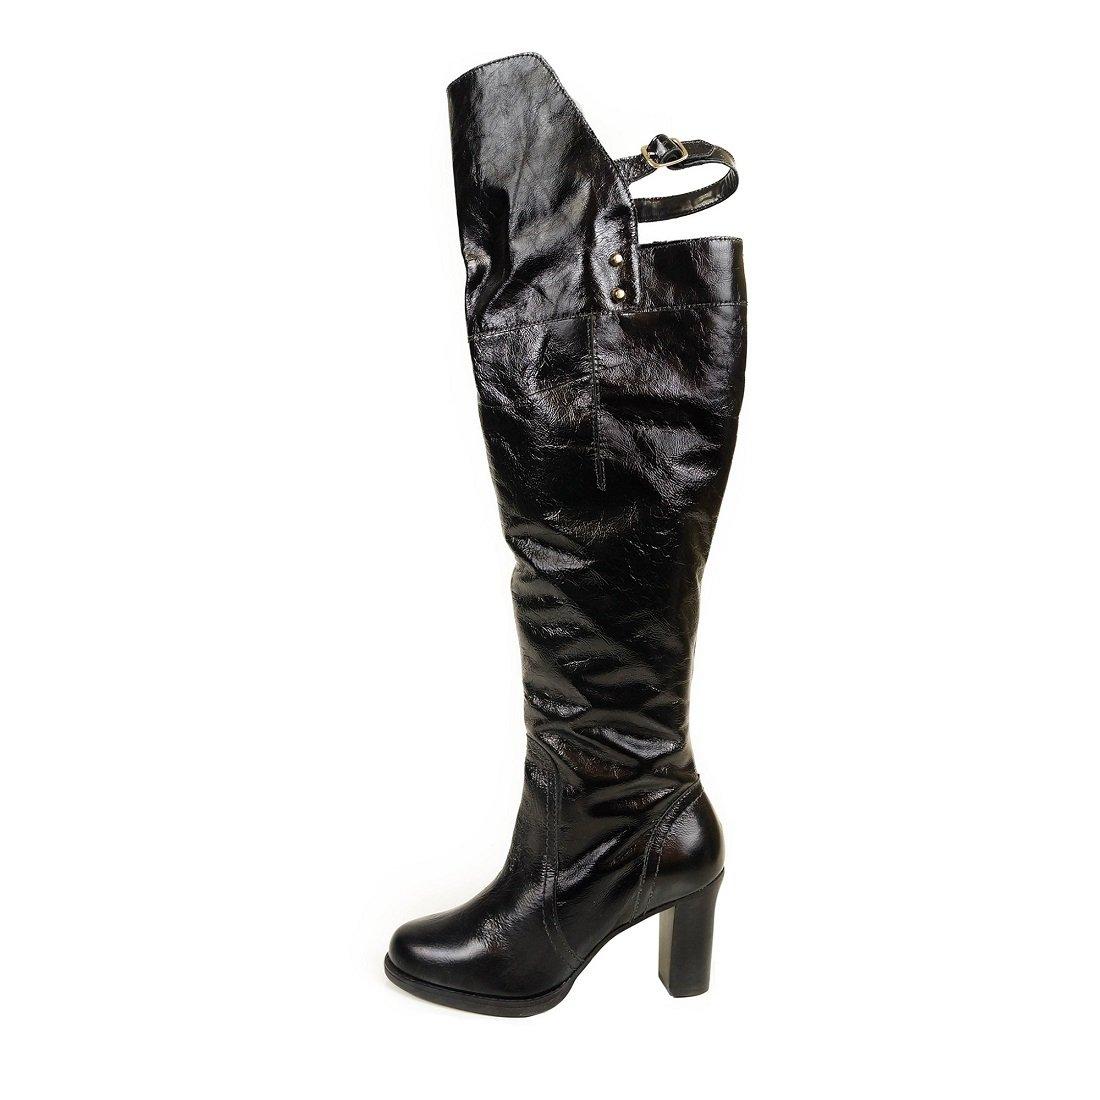 Bota Cano Alto Over Knee Verniz Preta - Compre Agora  edf3ff47aa406